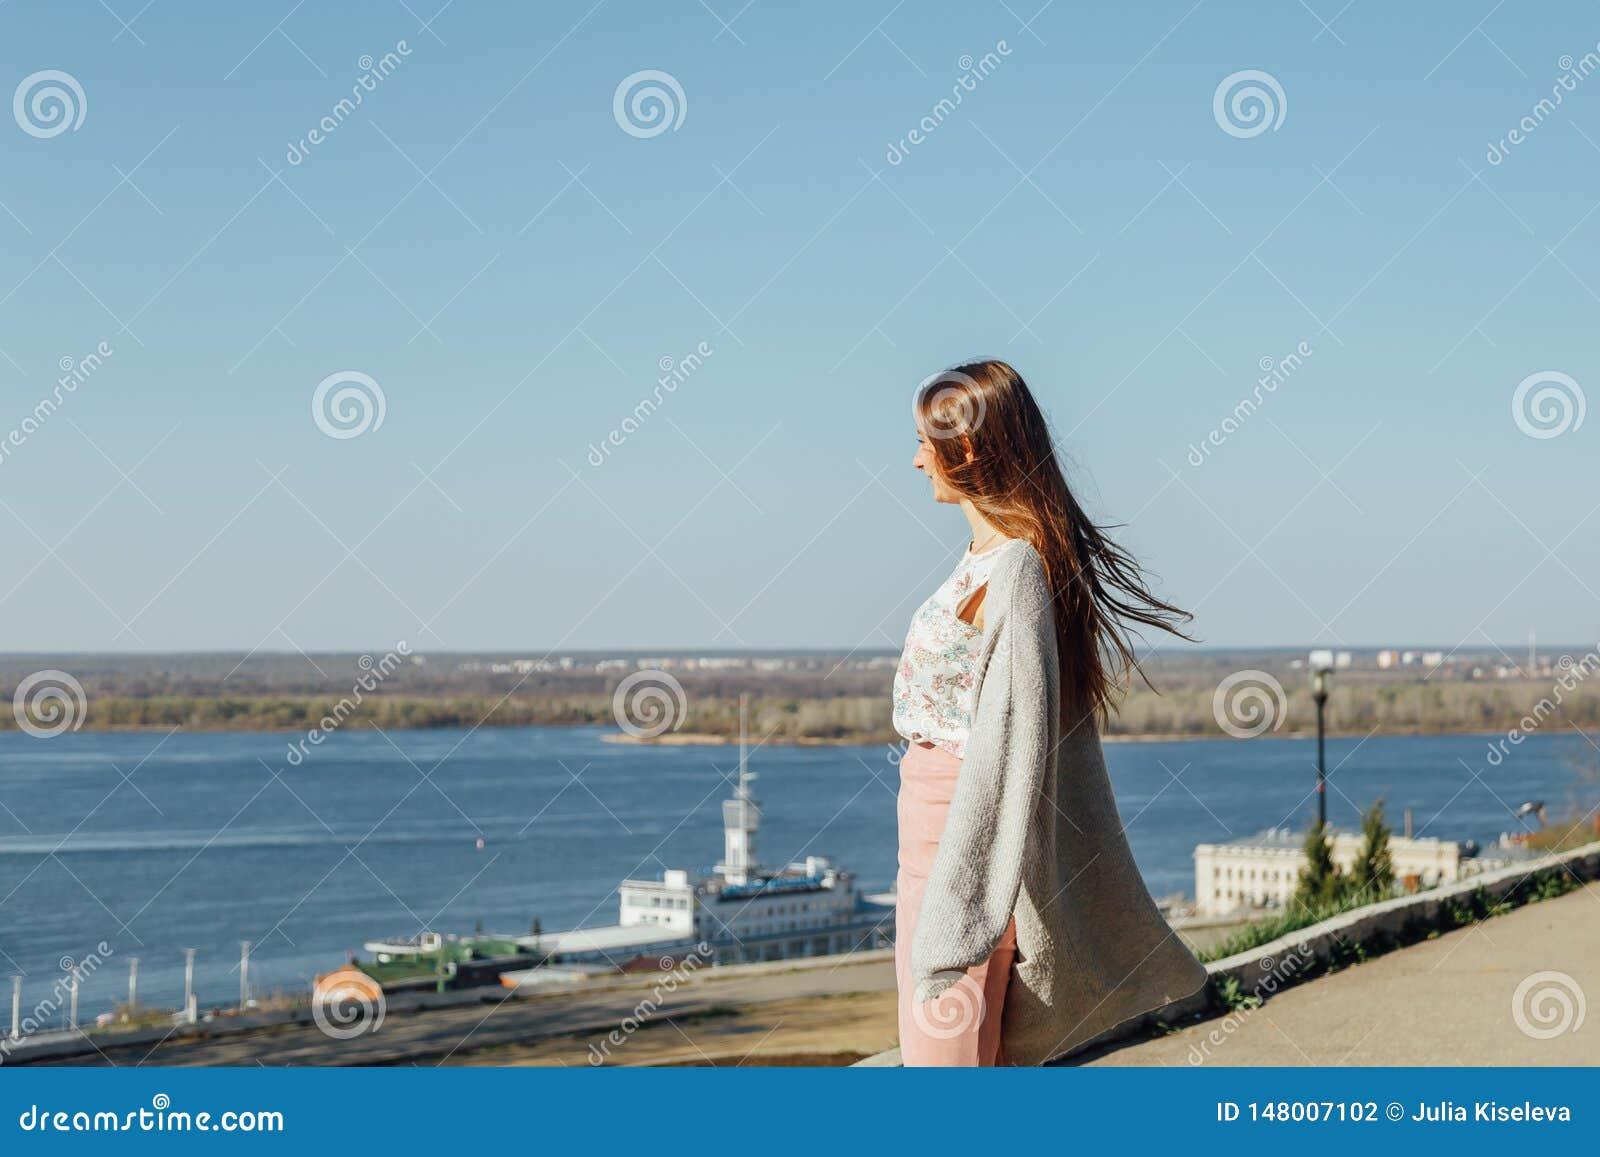 Een jong meisje op de dijk die van een Grote rivier, het water bekijken